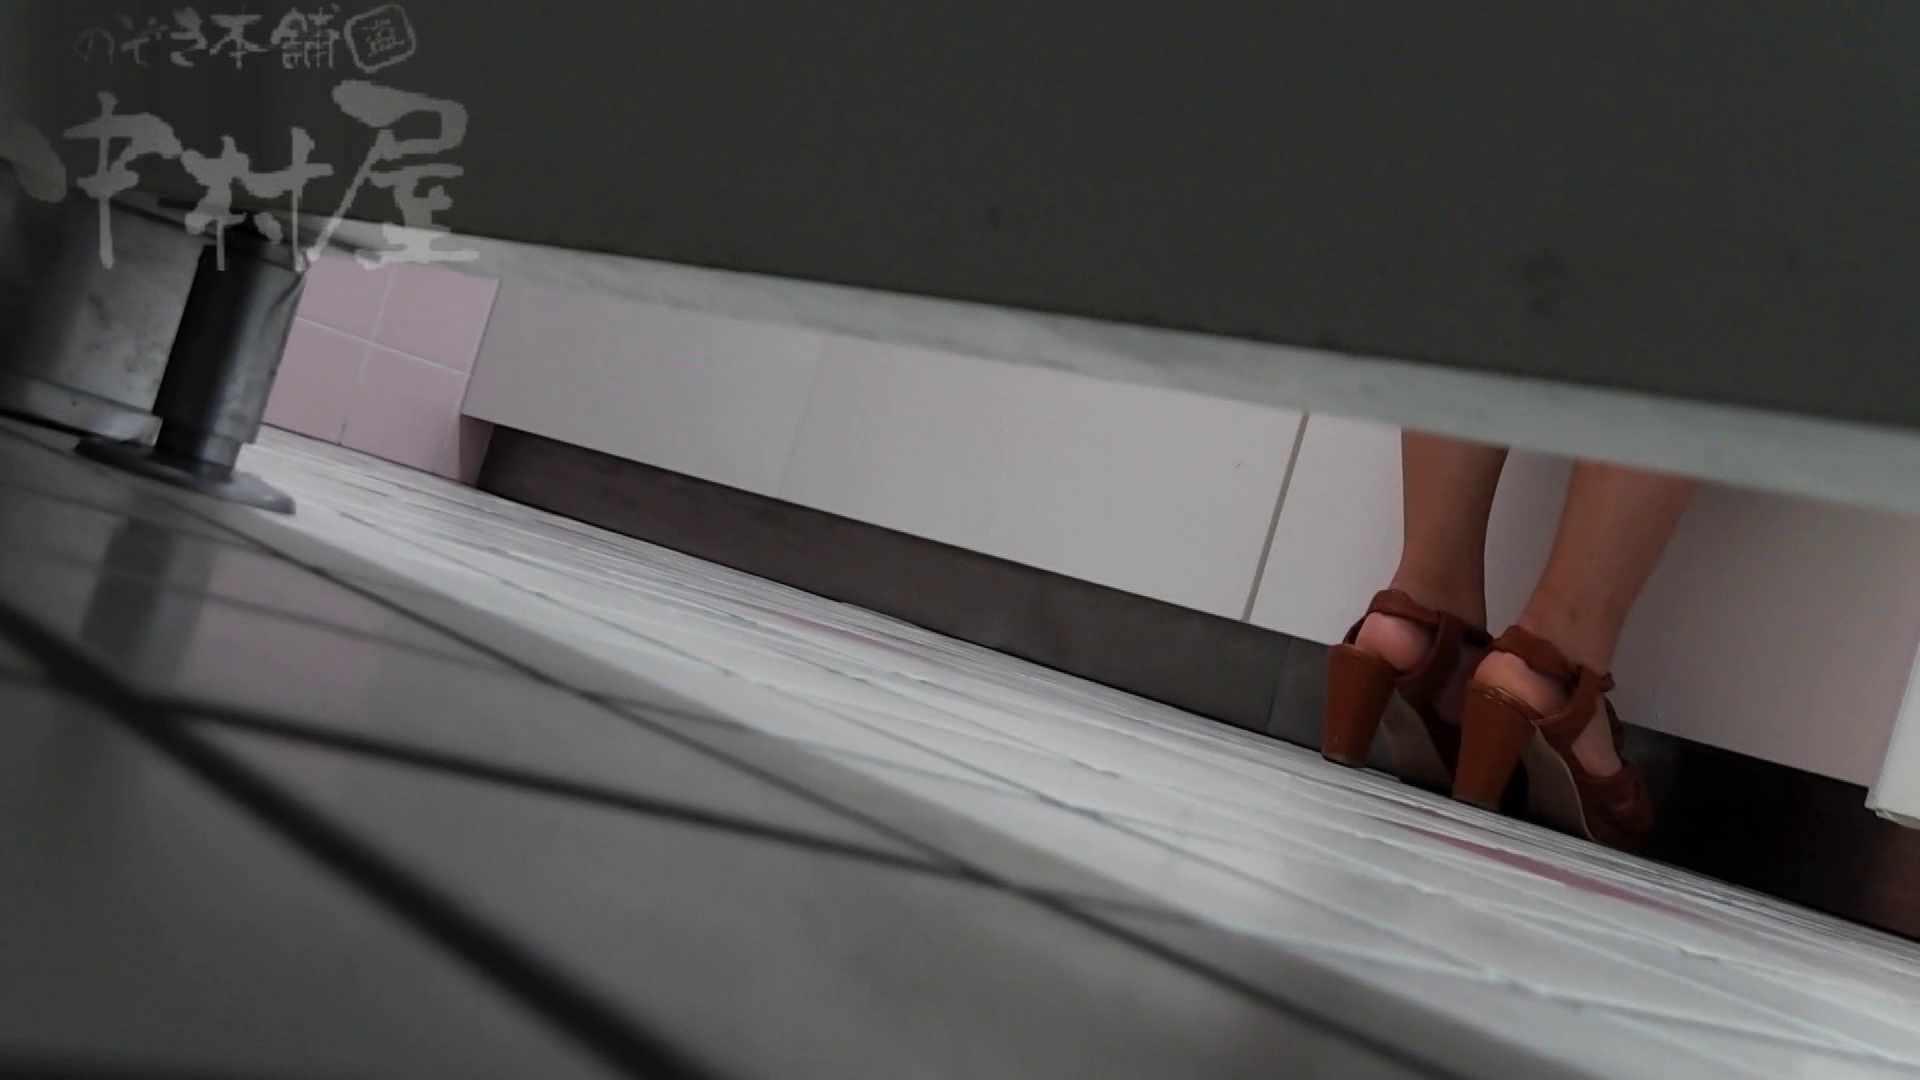 美しい日本の未来 No.34 緊迫!予告モデル撮ろうとしたら清掃員に遭遇 乙女のエロ動画  79PIX 7